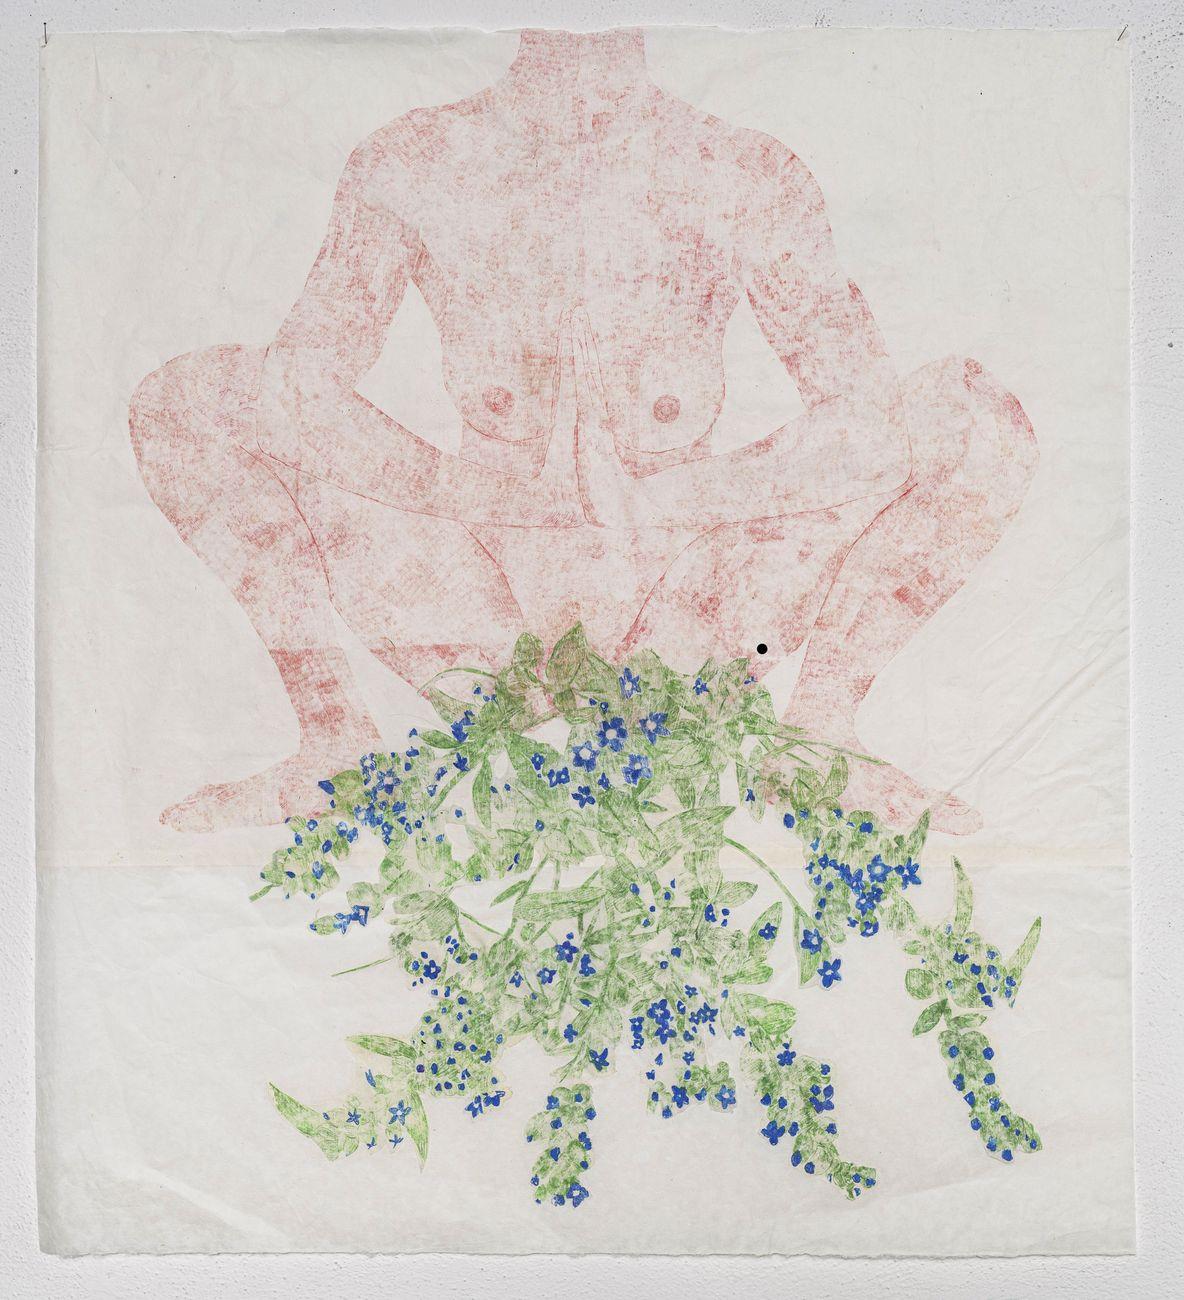 Marta Roberti, Fare fiori in malasana, 2020. Courtesy l'artista & Monitor, Roma Lisbona Pereto